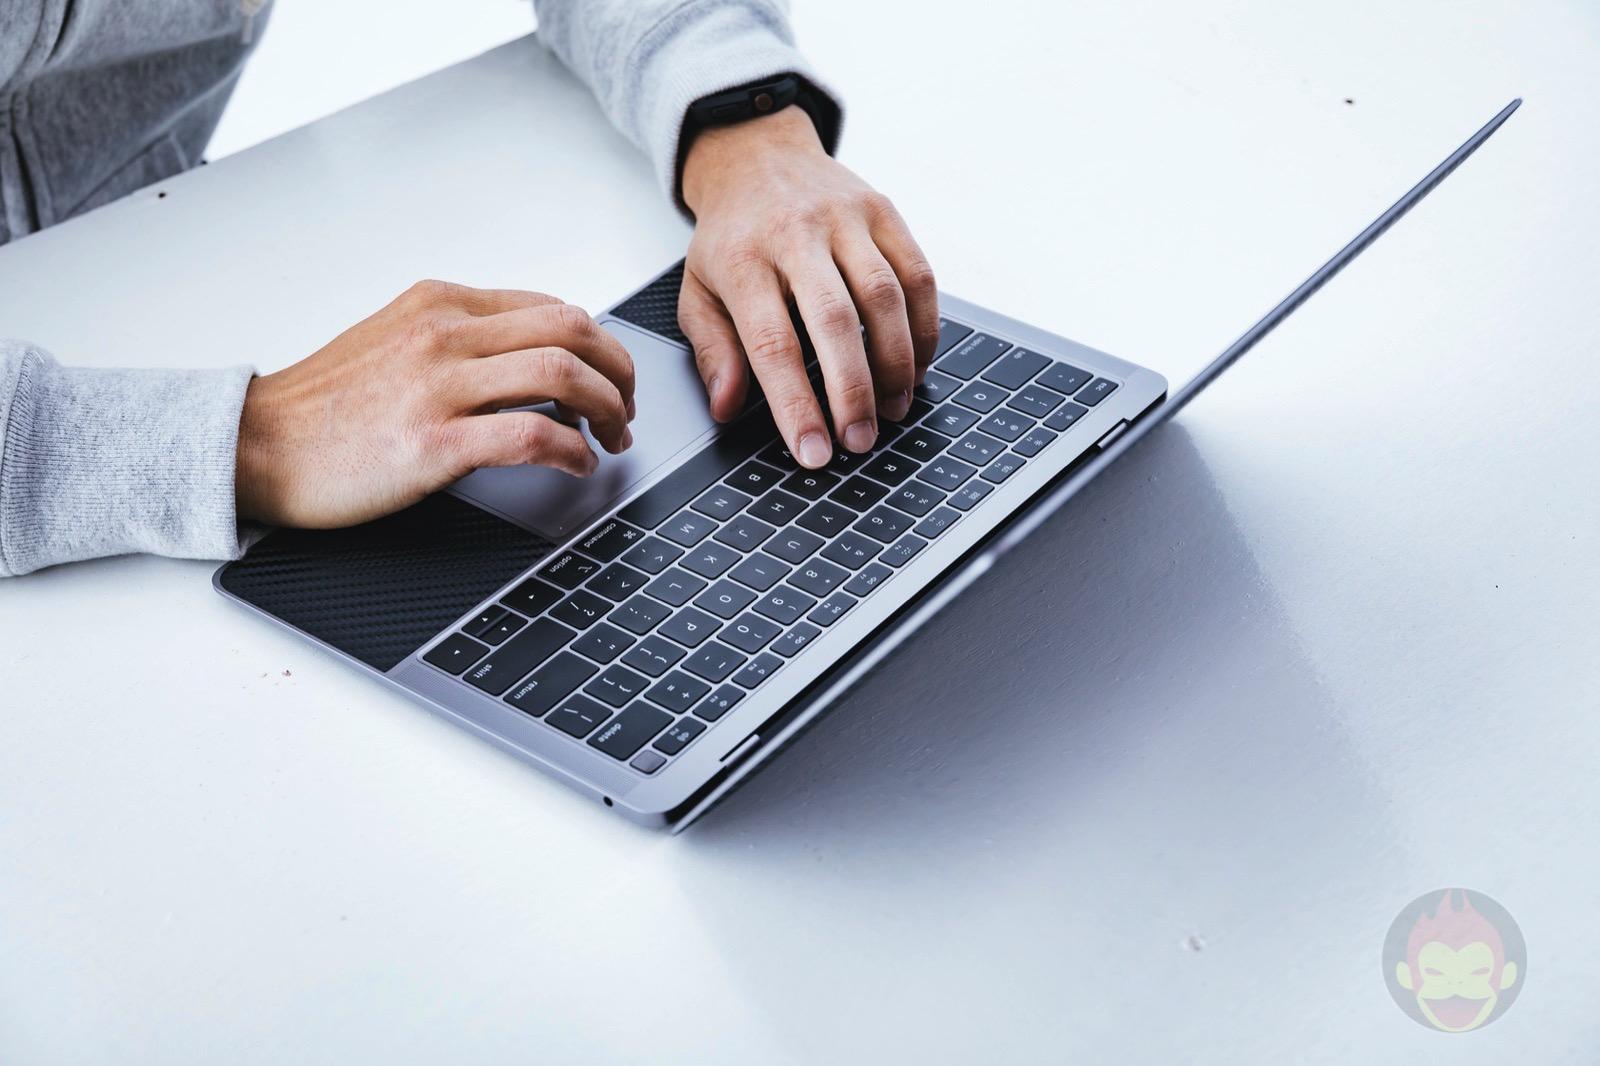 MacBook-Air-2018-Keyboard-01.jpg